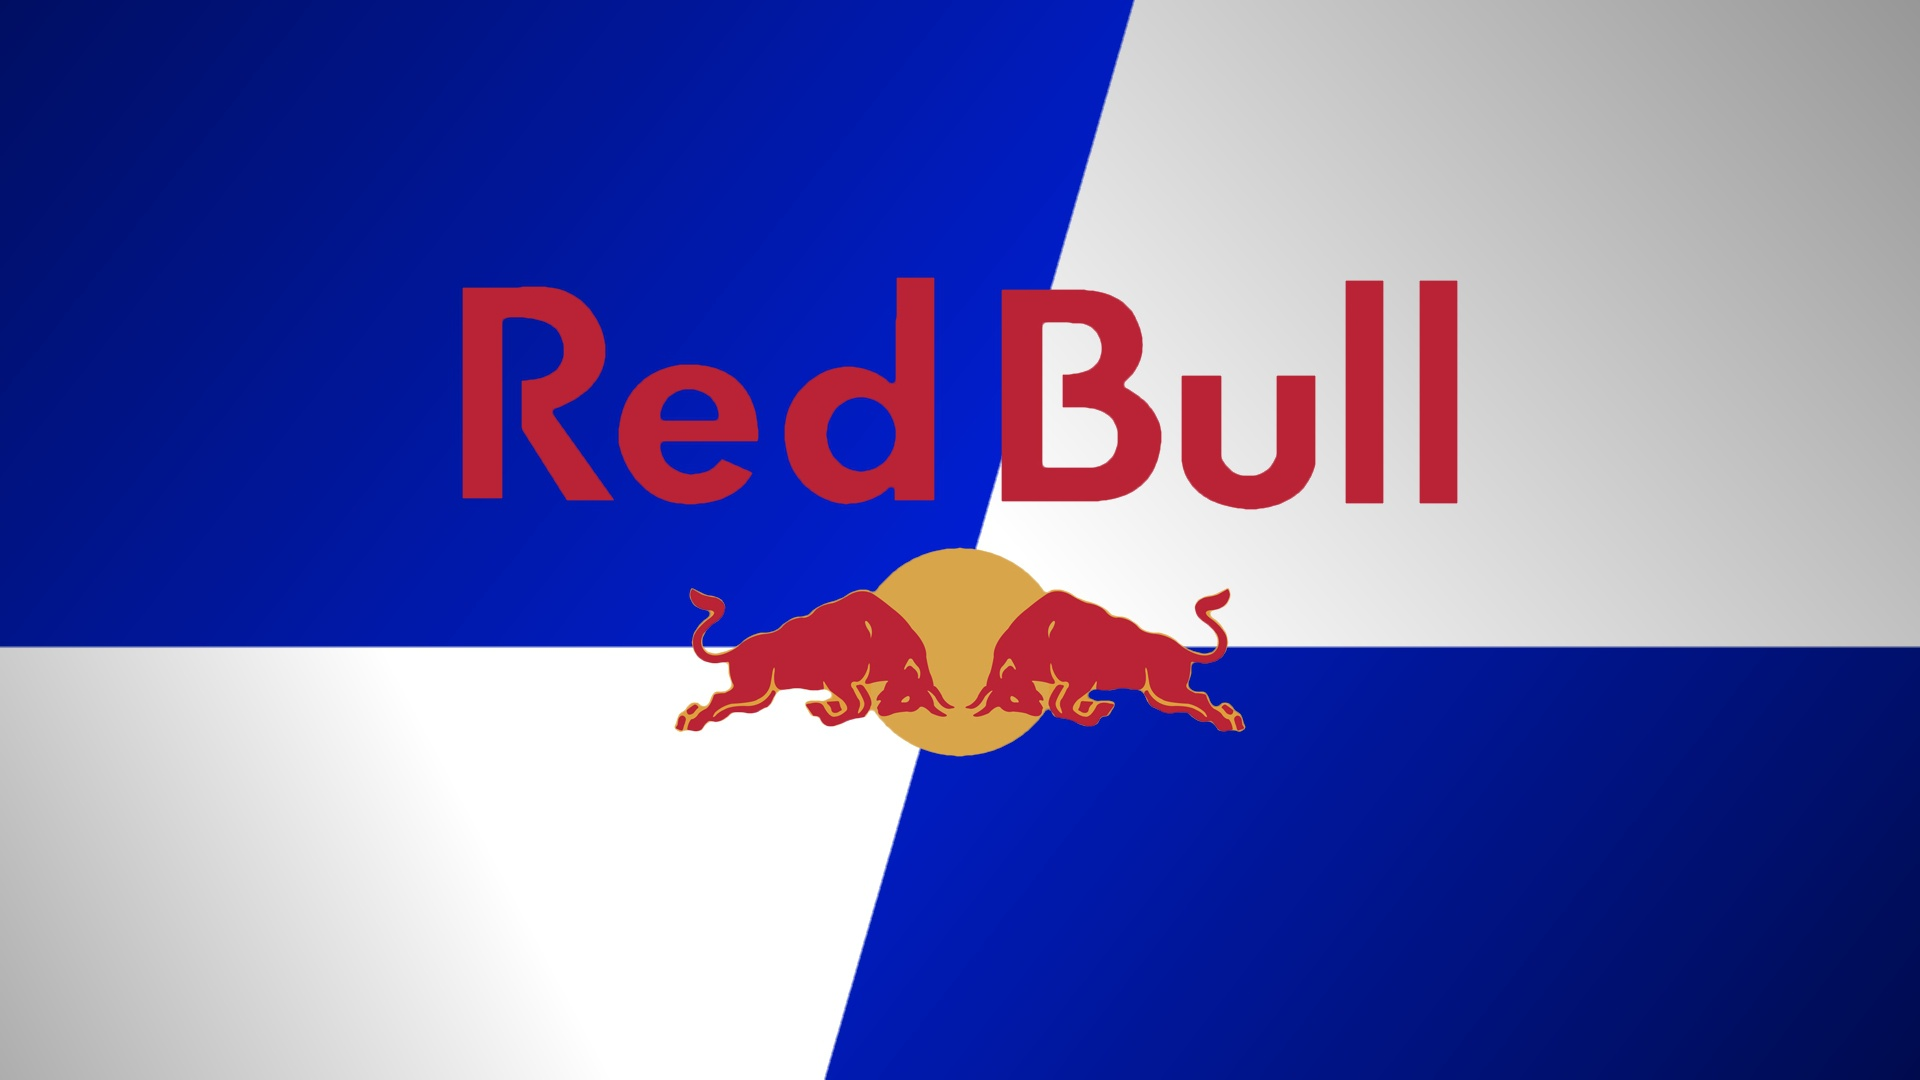 red bull ppt